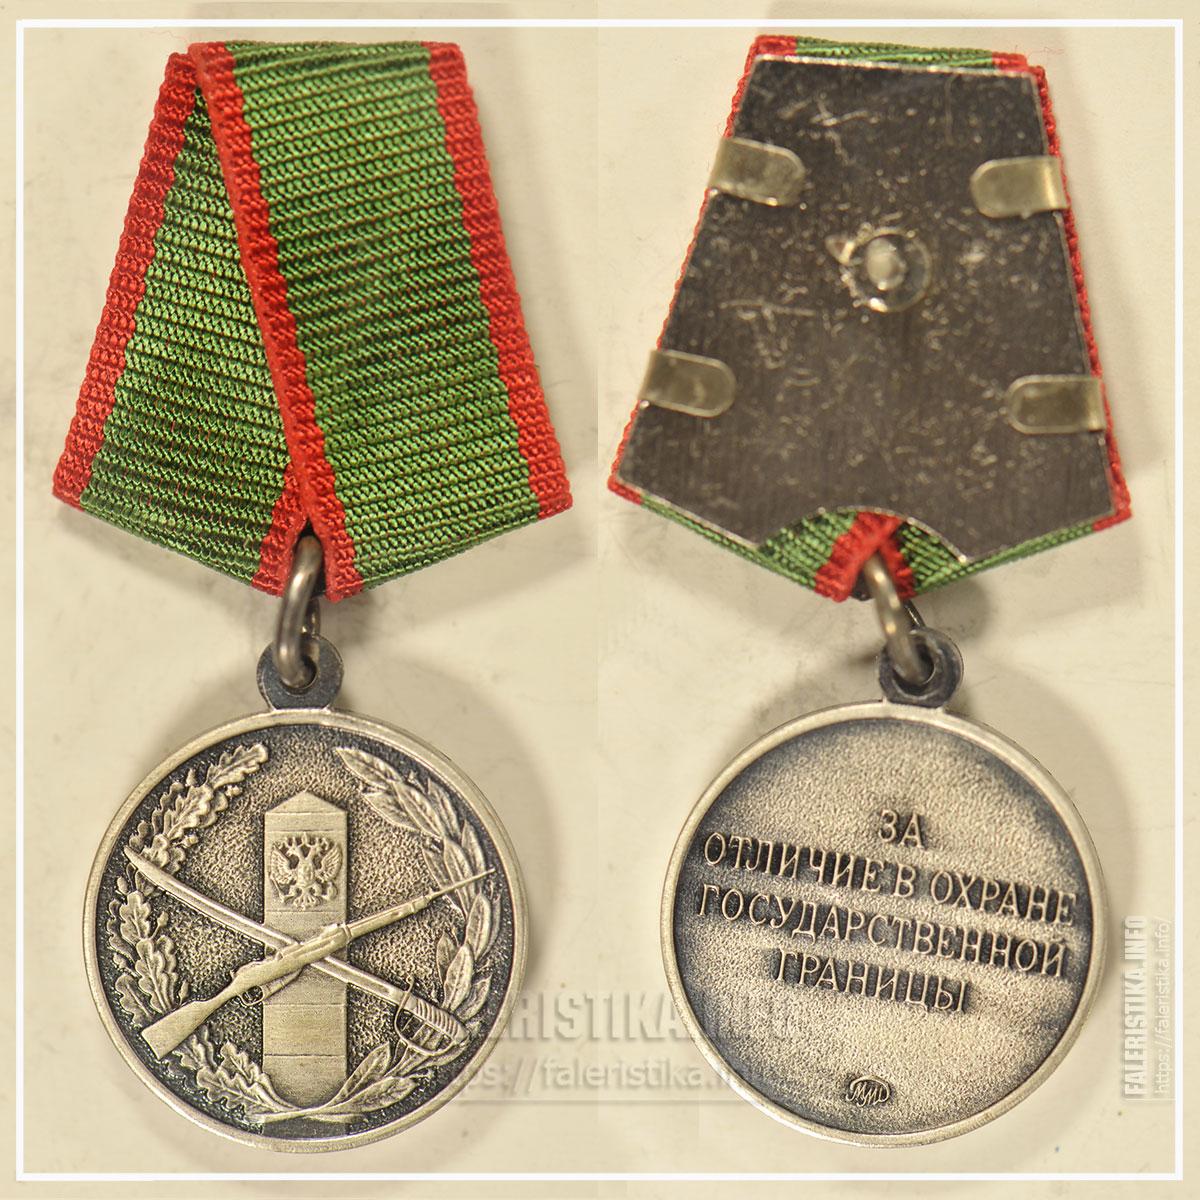 Медаль «За отличие в охране государственной границы». Миниатюрная копия знака (фрачник). Санкт-Петербургский монетный двор